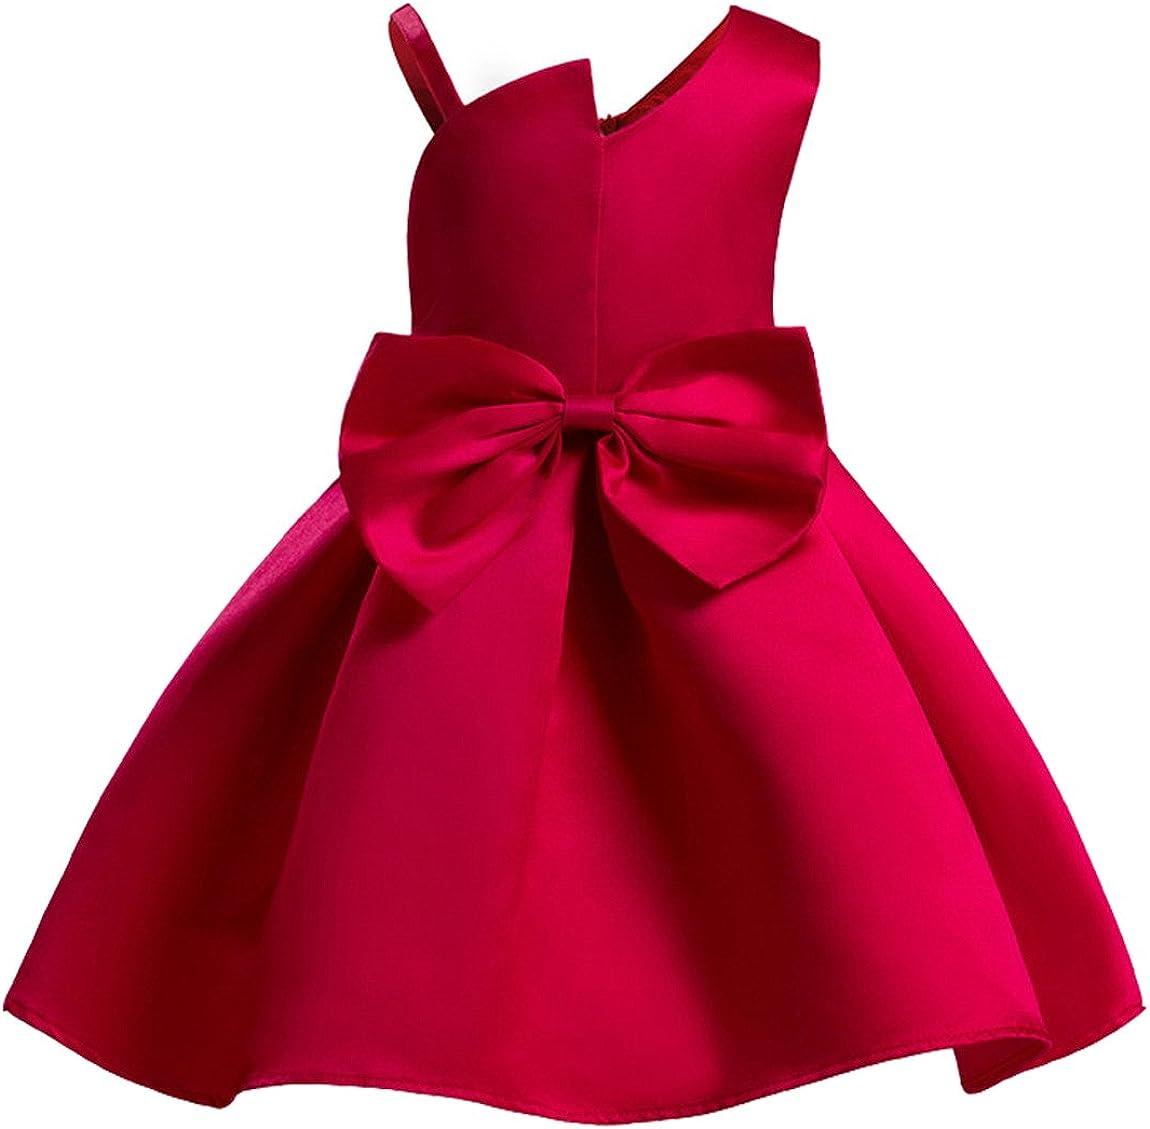 AnKoee Bambine Senza Maniche Principessa Abiti Eleganti Bambina Partito Compleanno Comunione Swing Vestiti da Cerimonia 3-10 Anni